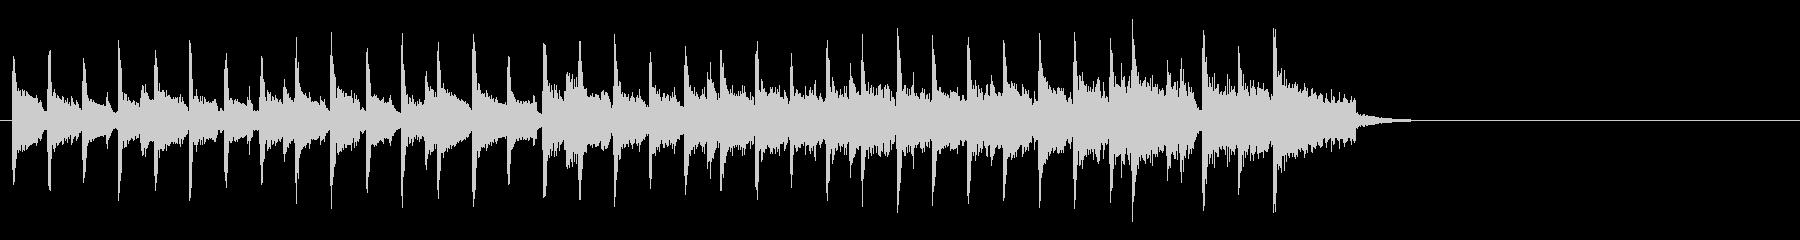 ブリティッシュなポップ(イントロ)の未再生の波形